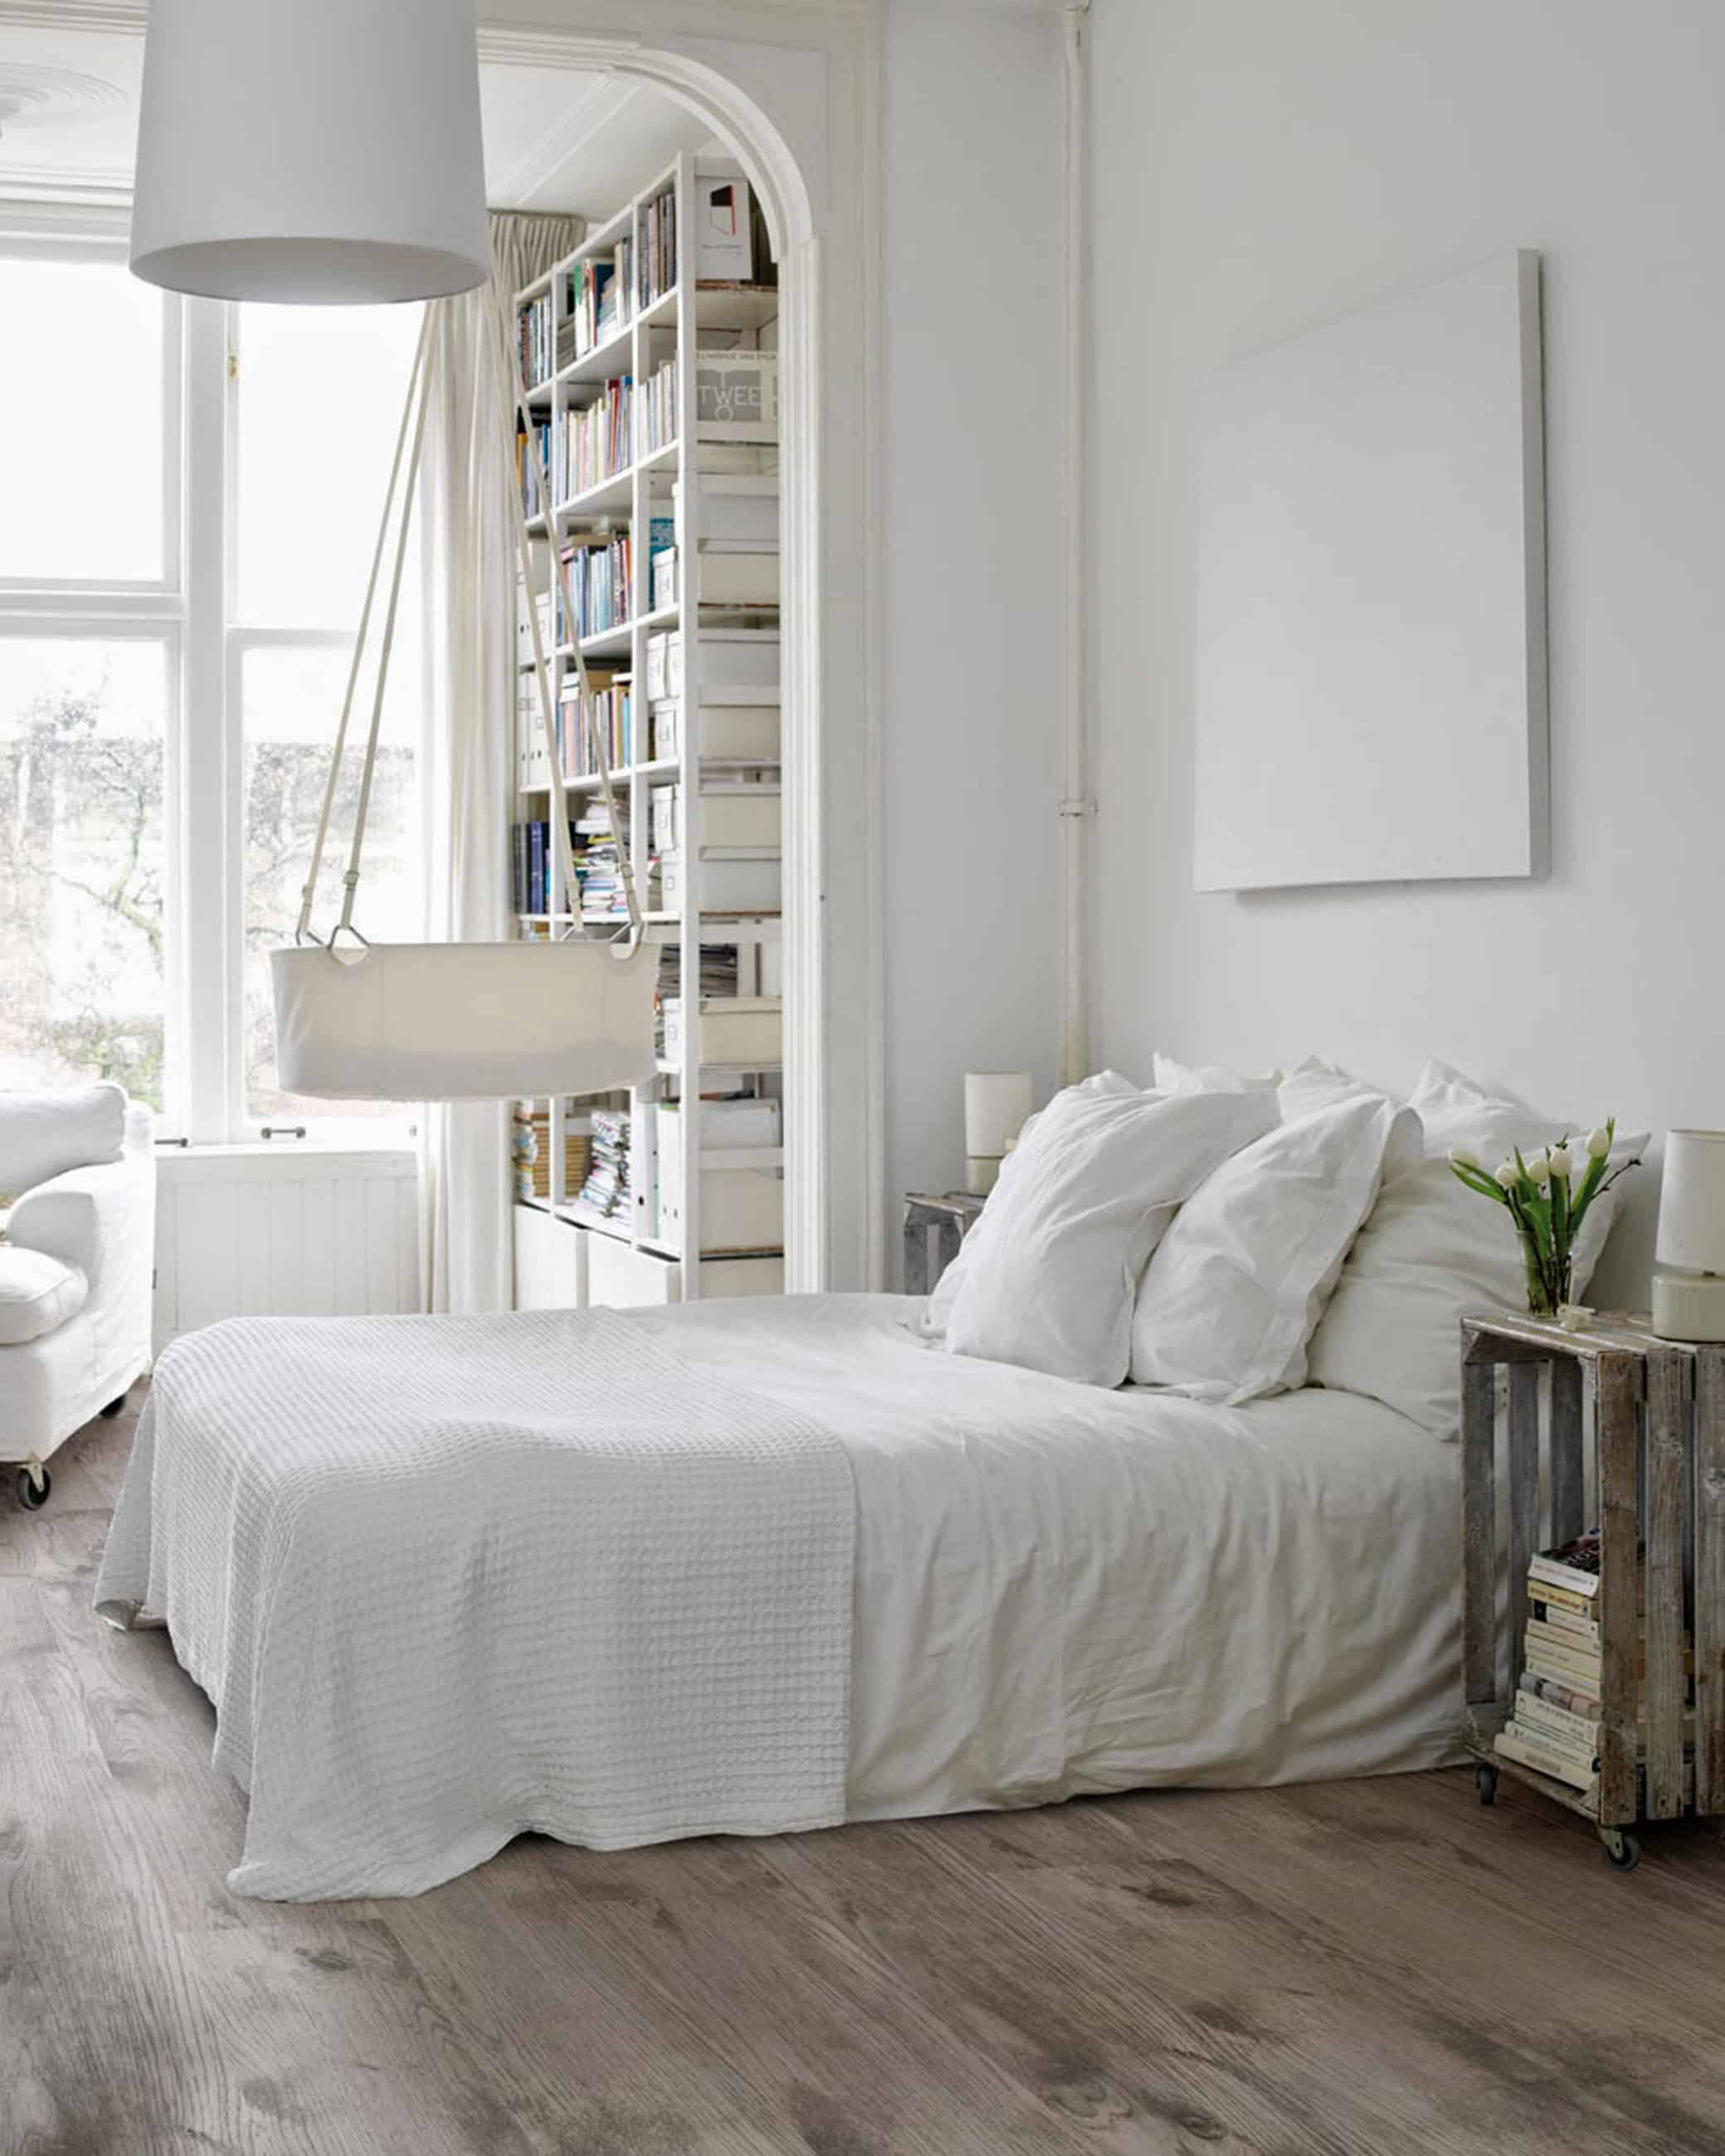 minimalist-bedroom-wonderful-scandinavian-bedroom-style-swedish-minimalist